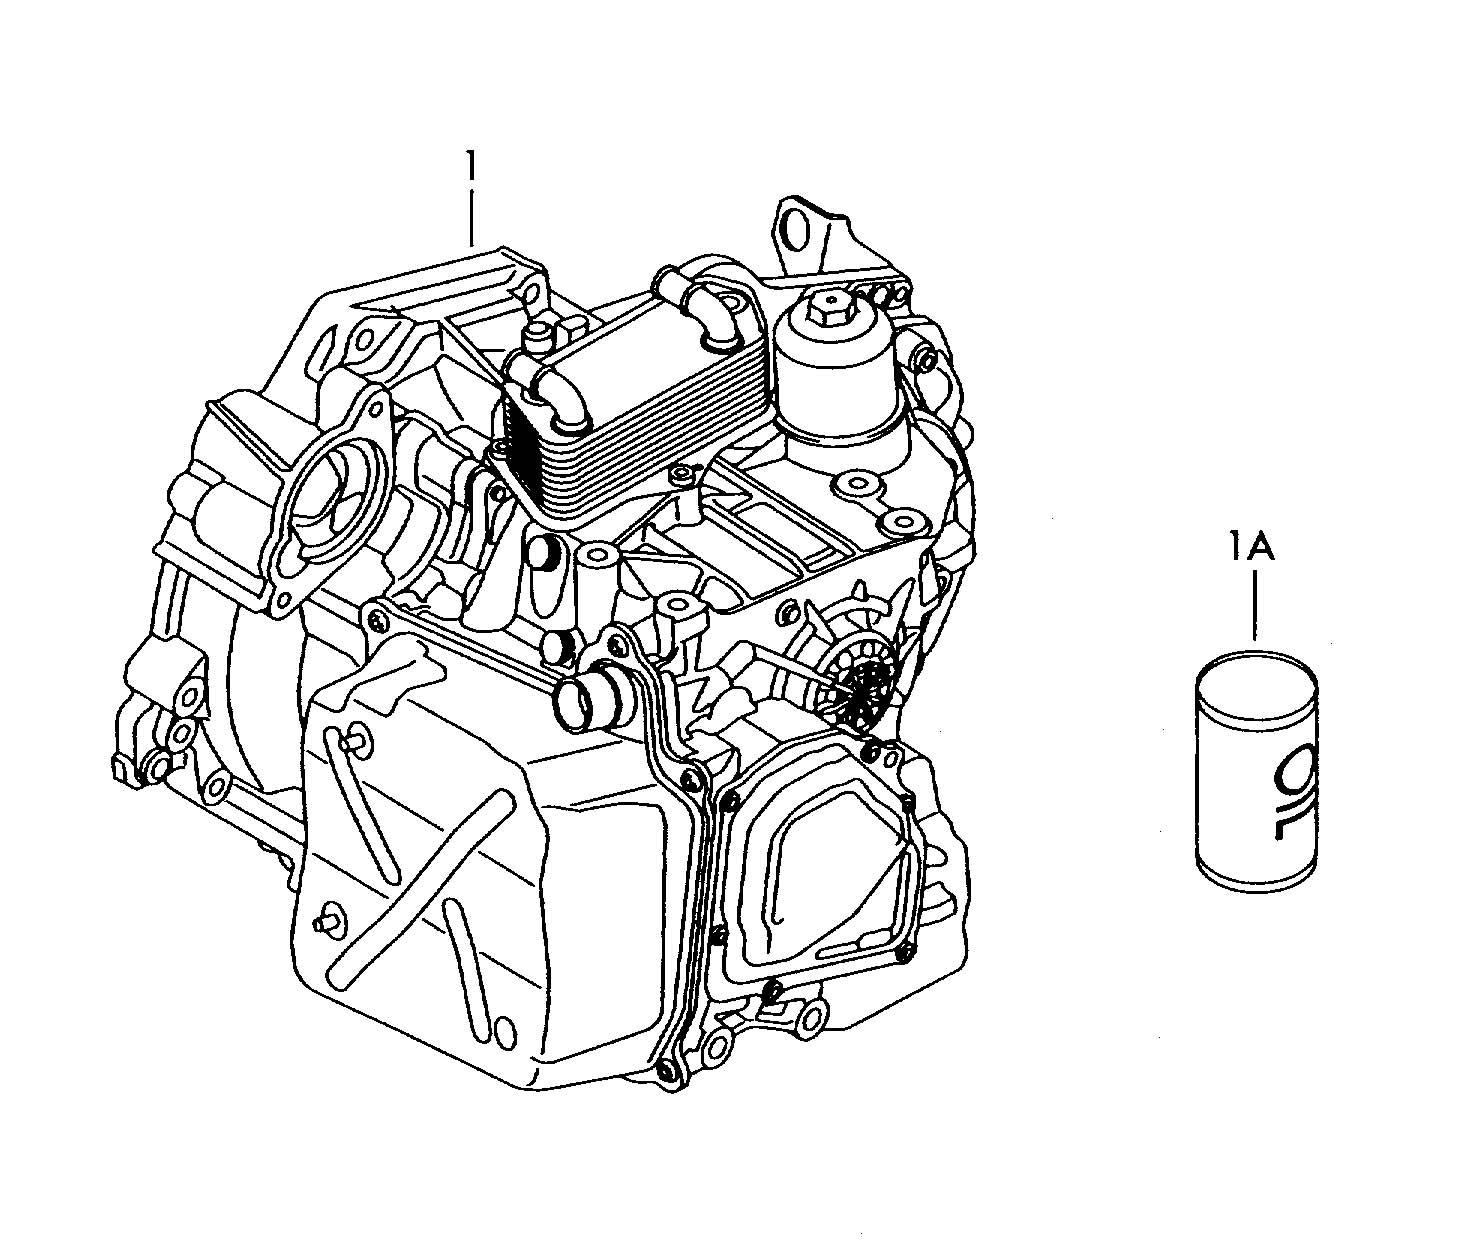 Volkswagen Passat 6-speed dual clutch gearbox transmission